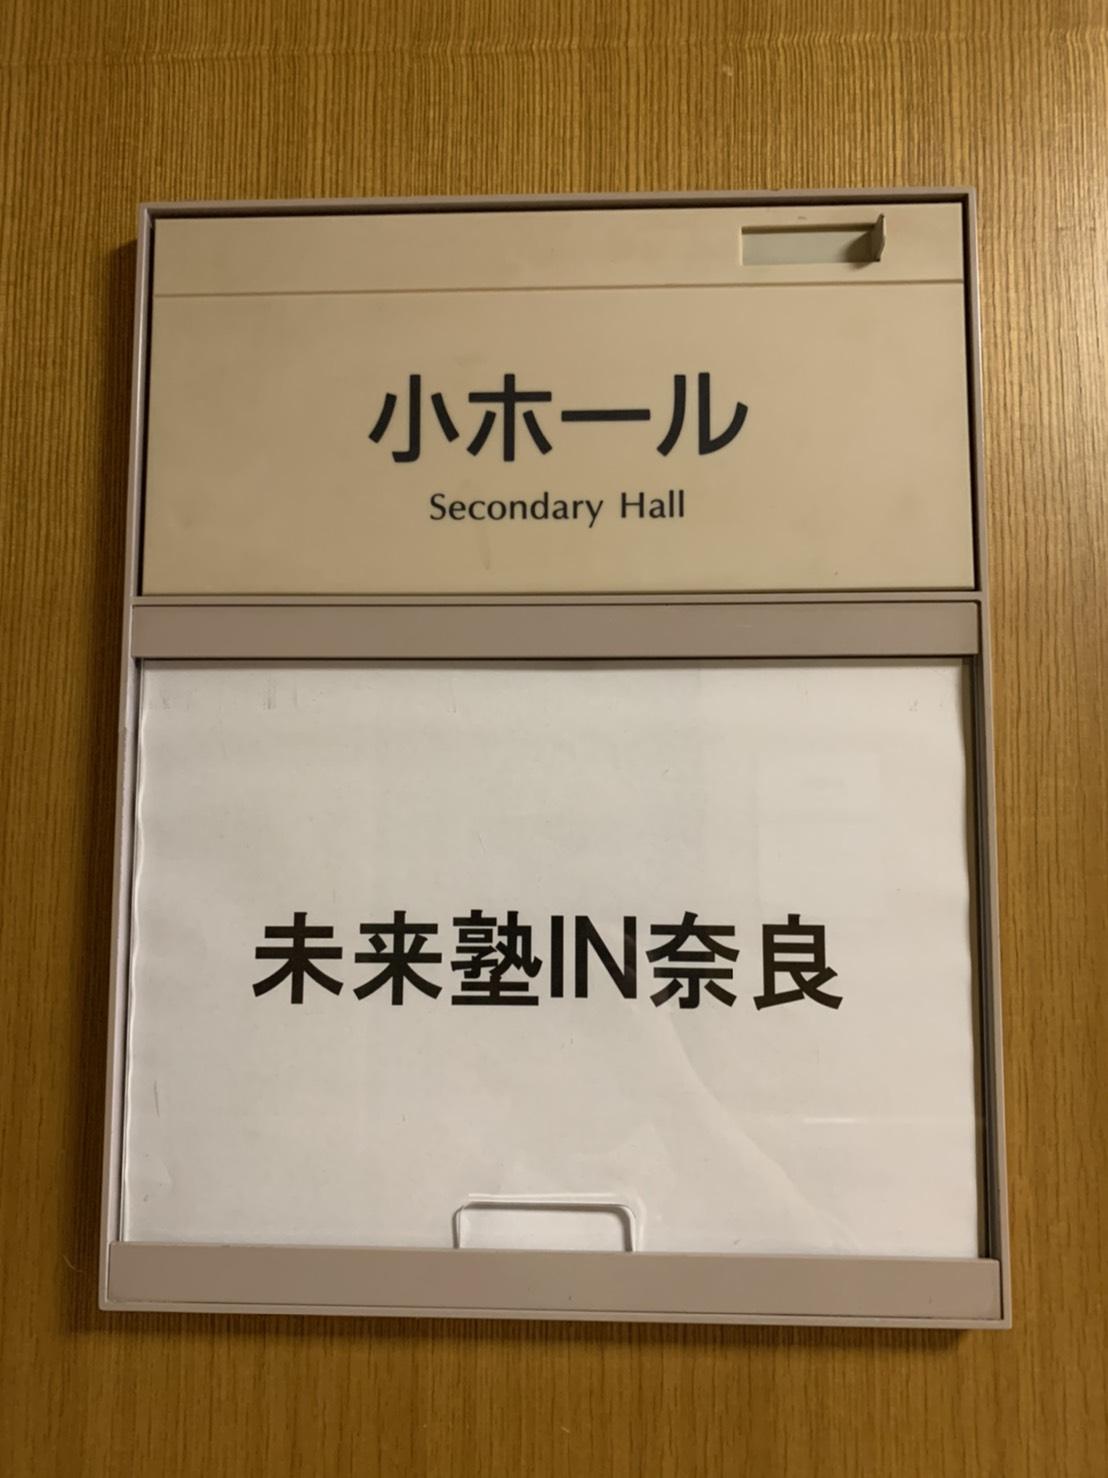 【269】 去年の今頃・・・未来塾IN奈良